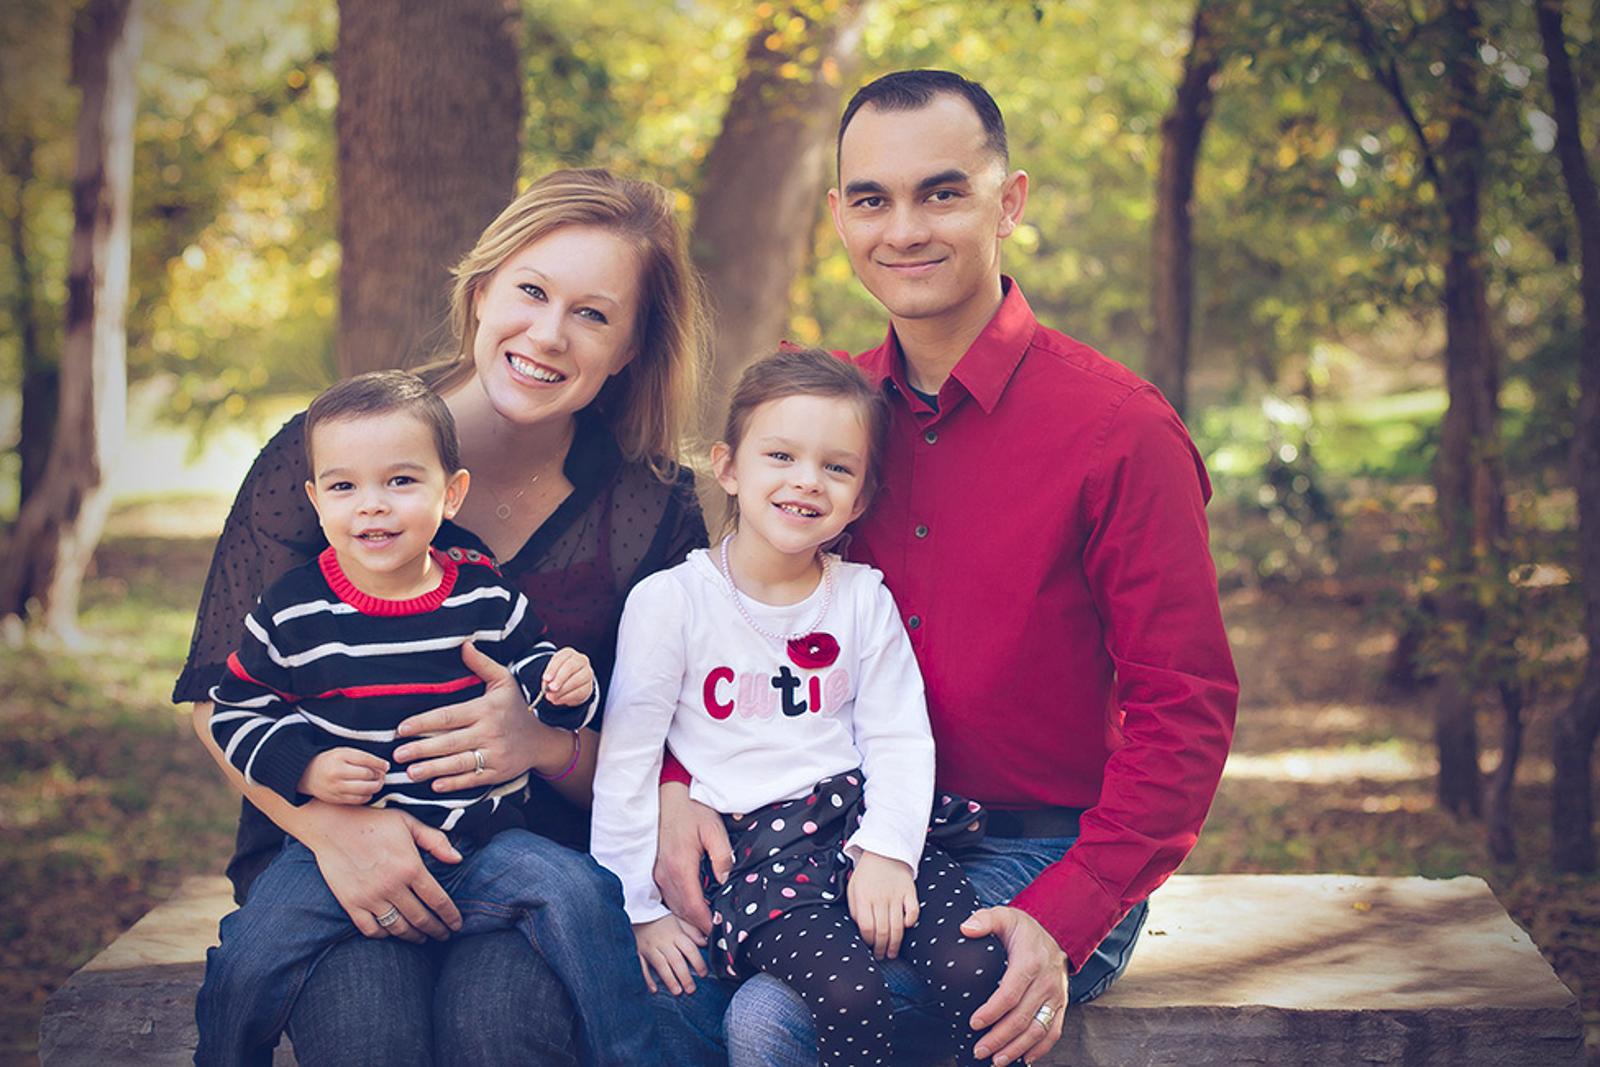 family-outdoors-light-portraits-114.JPG